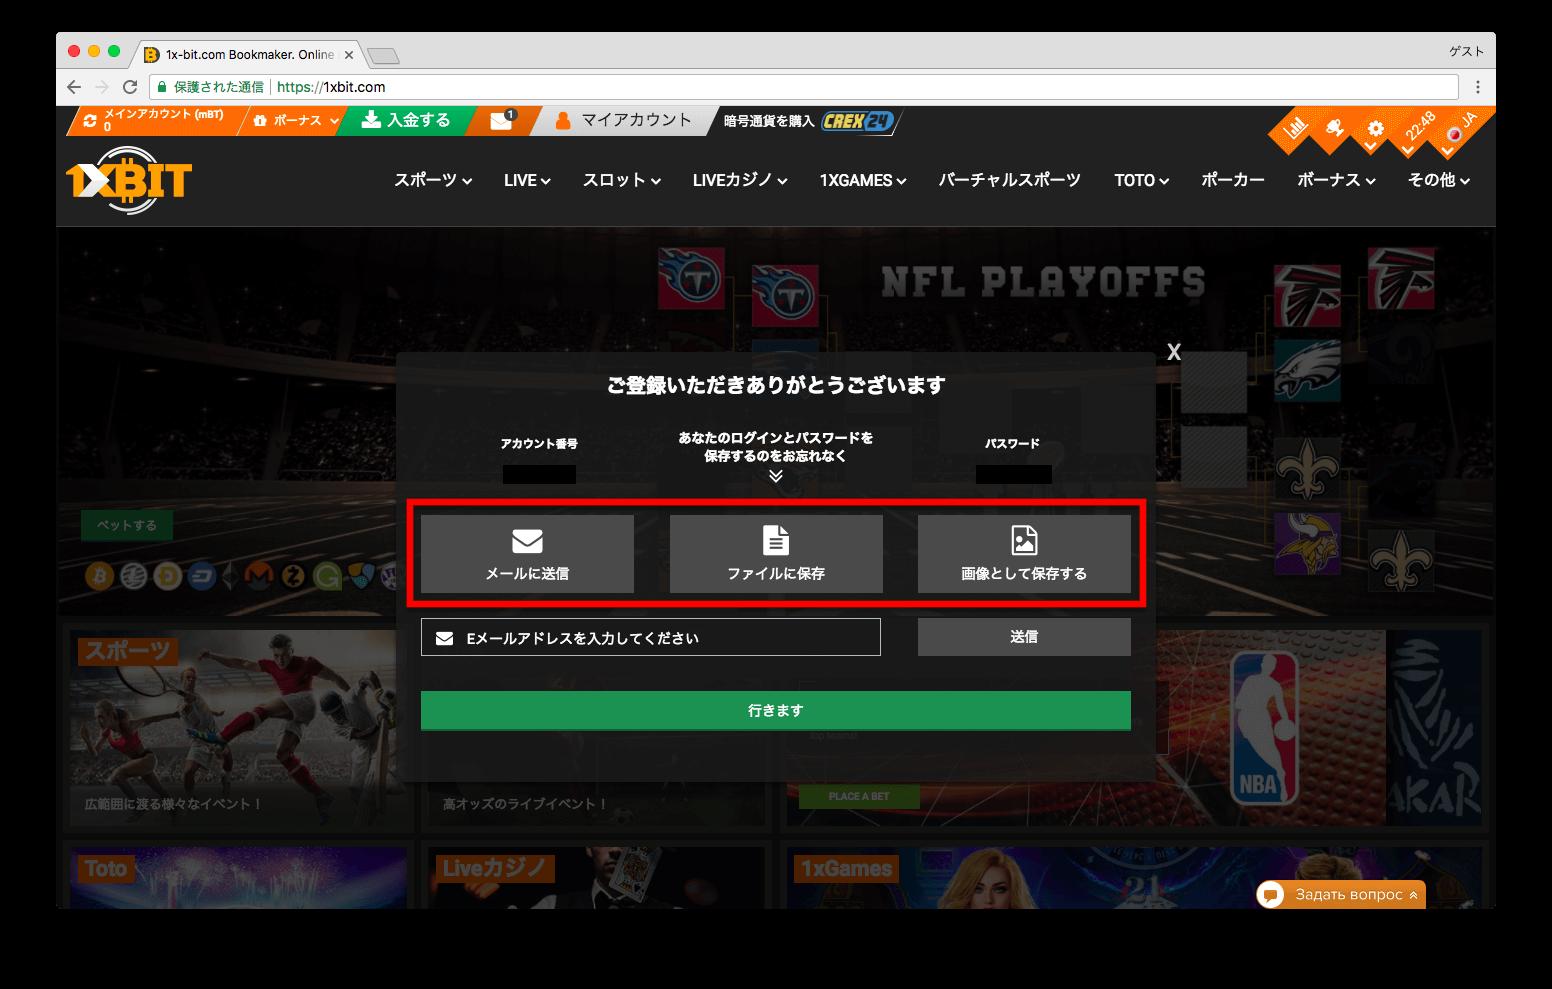 ワンバイビット登録後にアカウント番号とパスワードを保管する画面